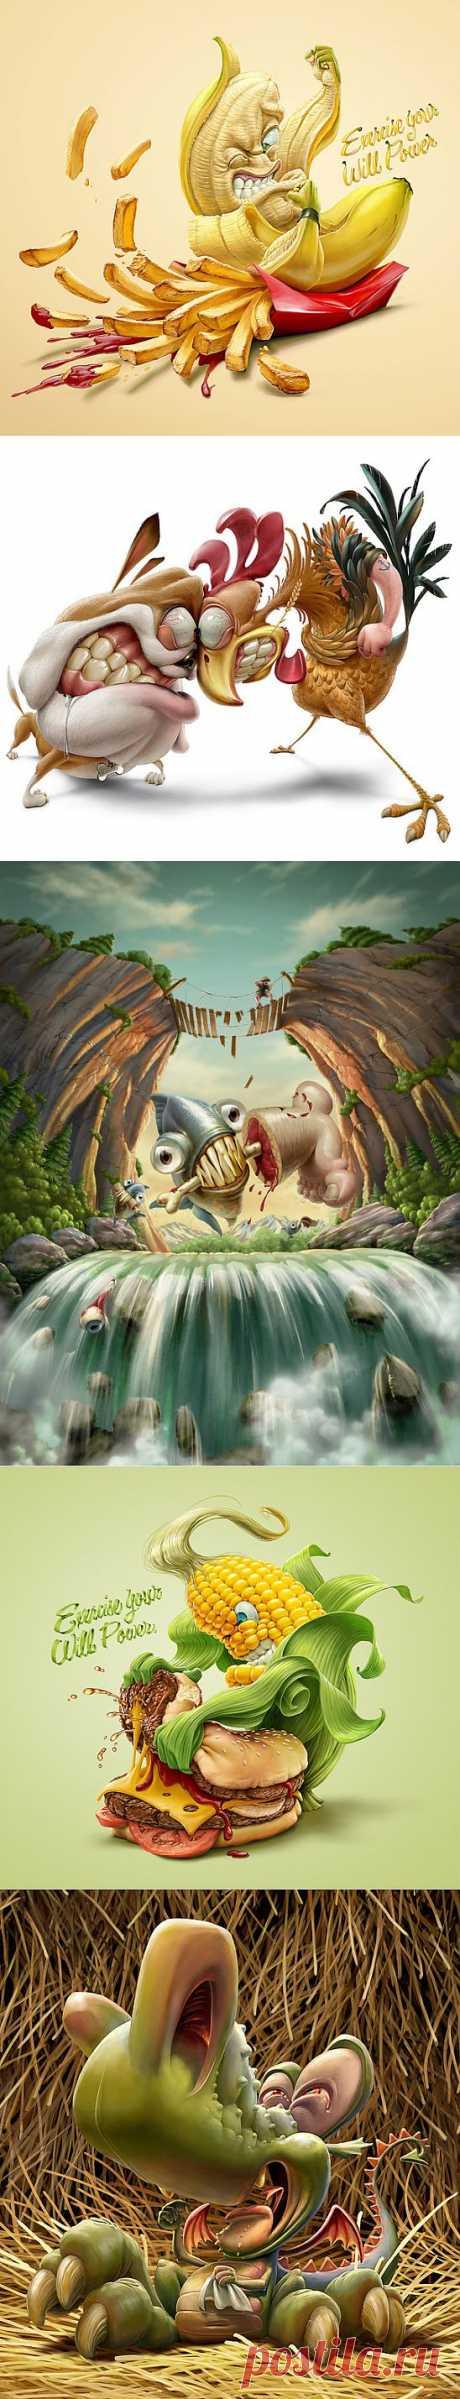 (+1) тема - Мозговыносящие иллюстрации Оскара Рамоса | Искусство